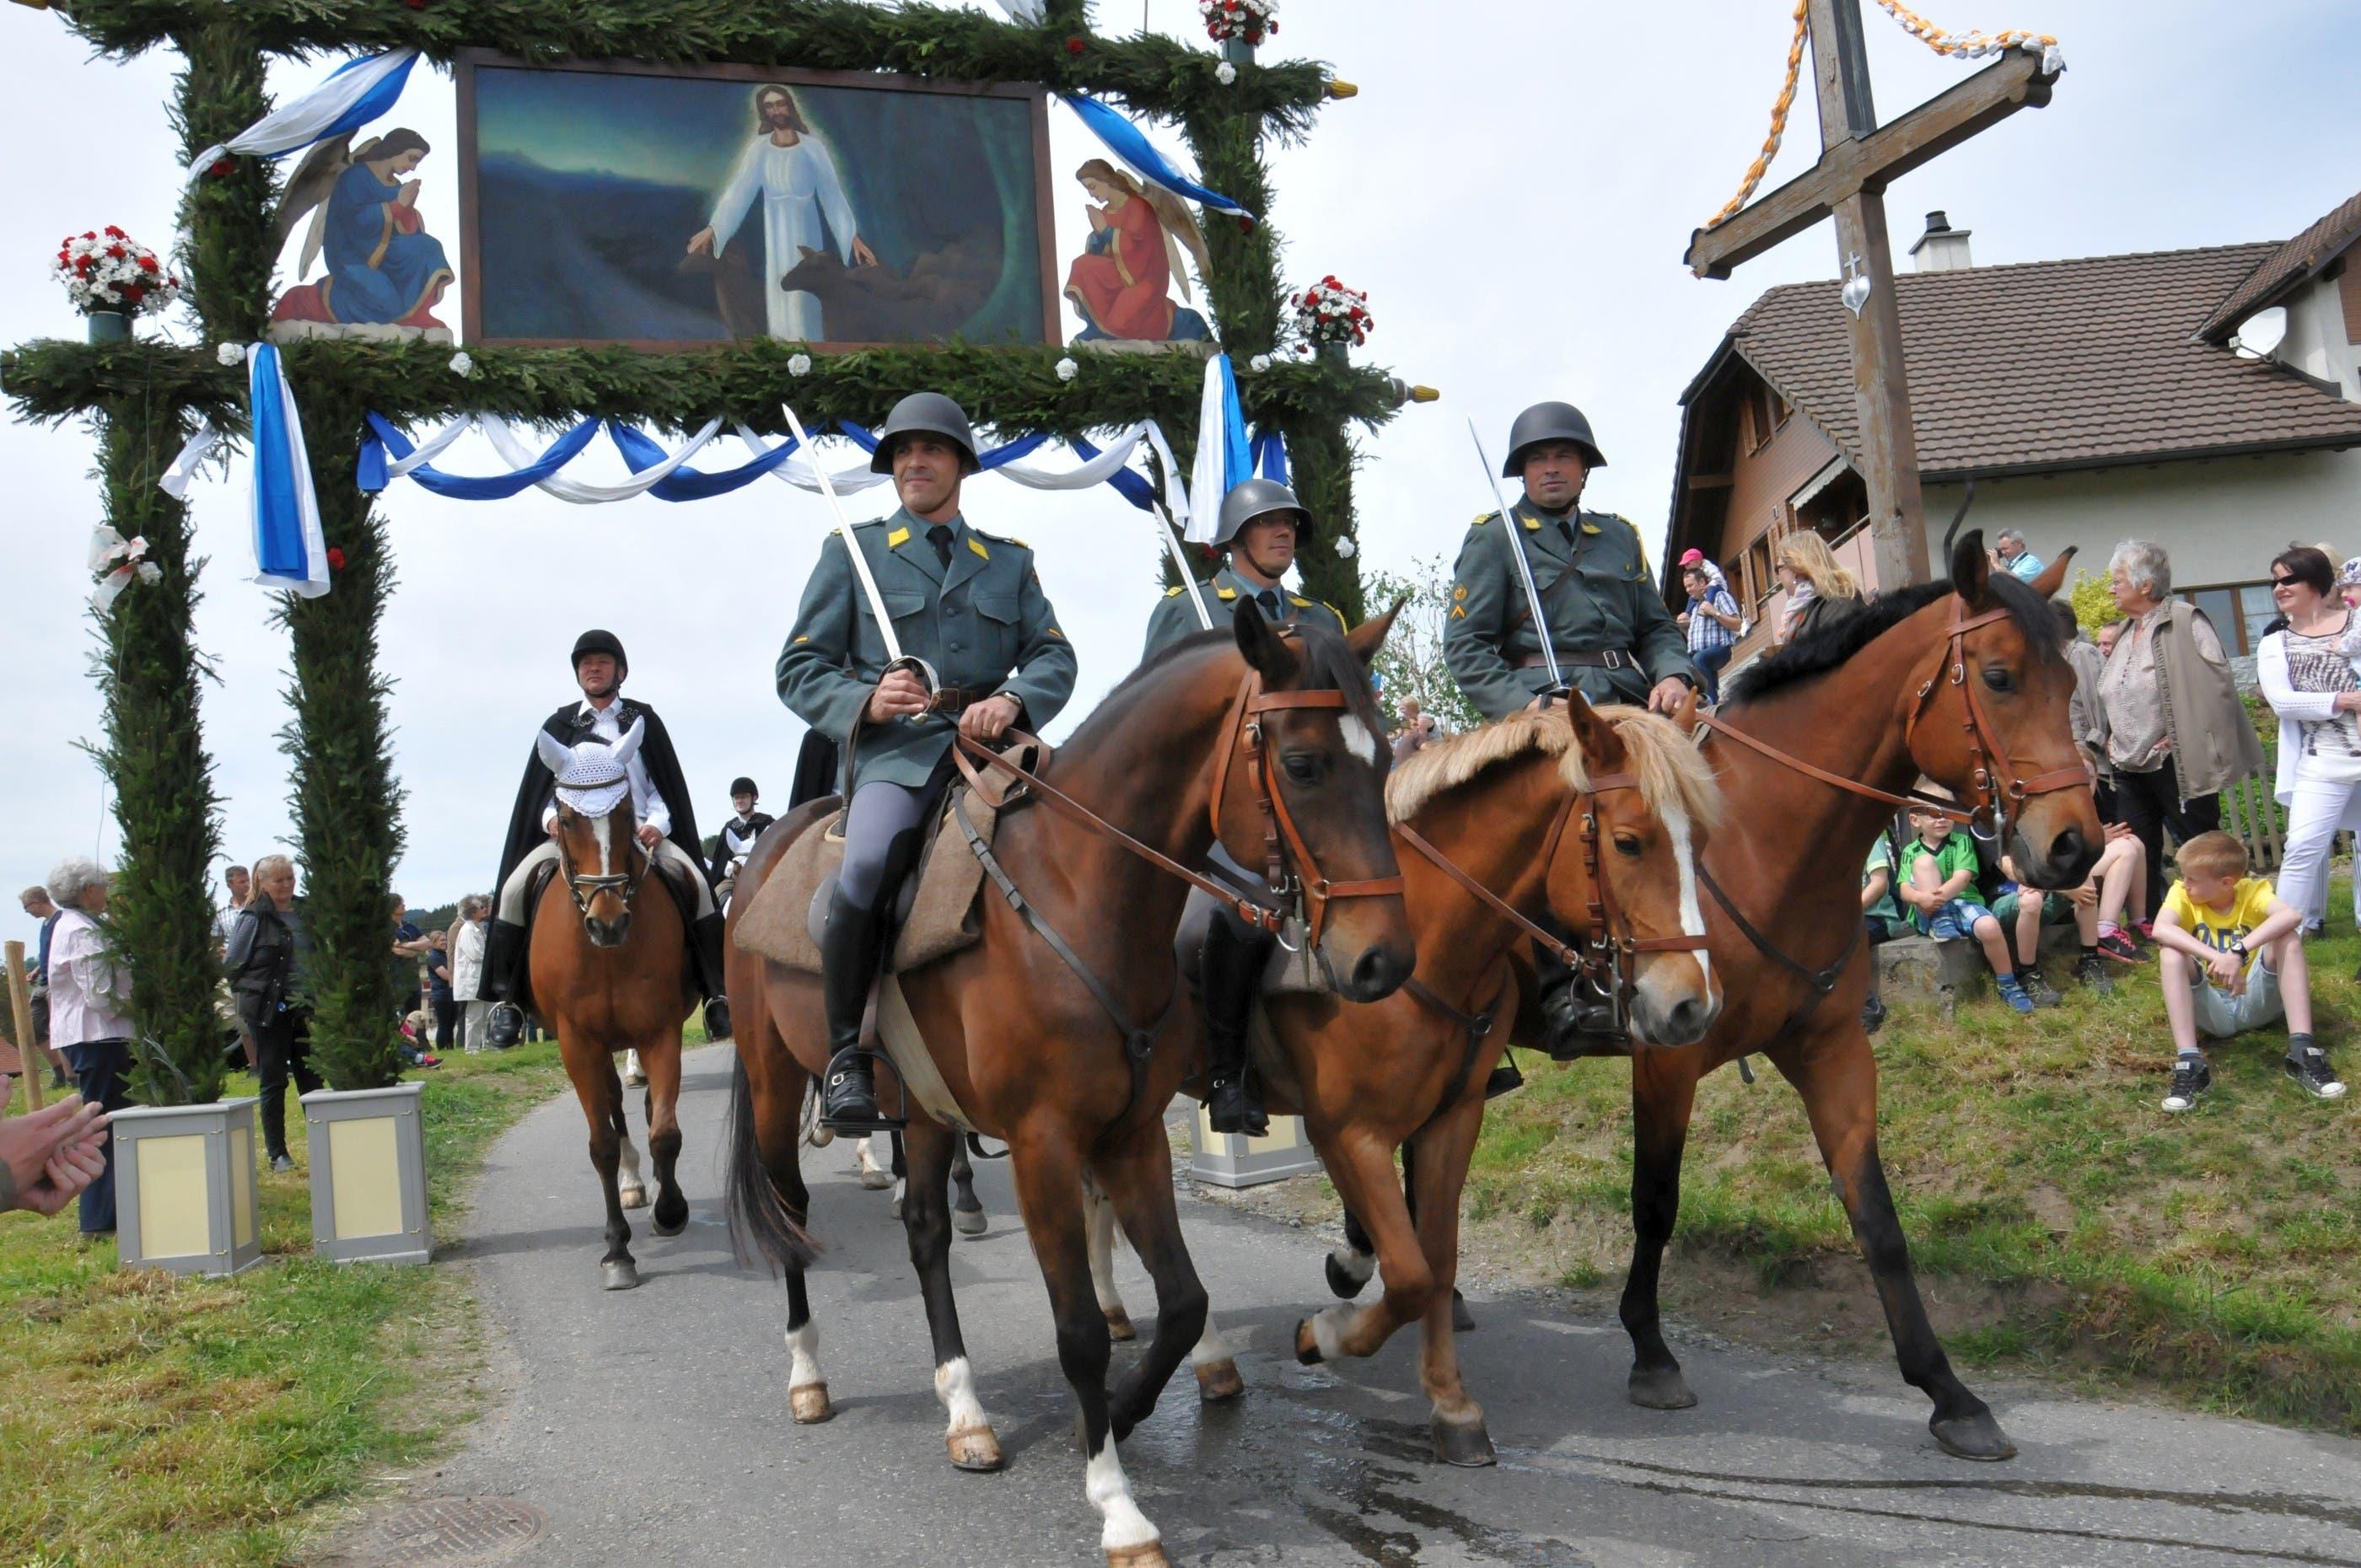 Viele ehemalige Kavalleristen nahmen in voller Montur am Umritt teil